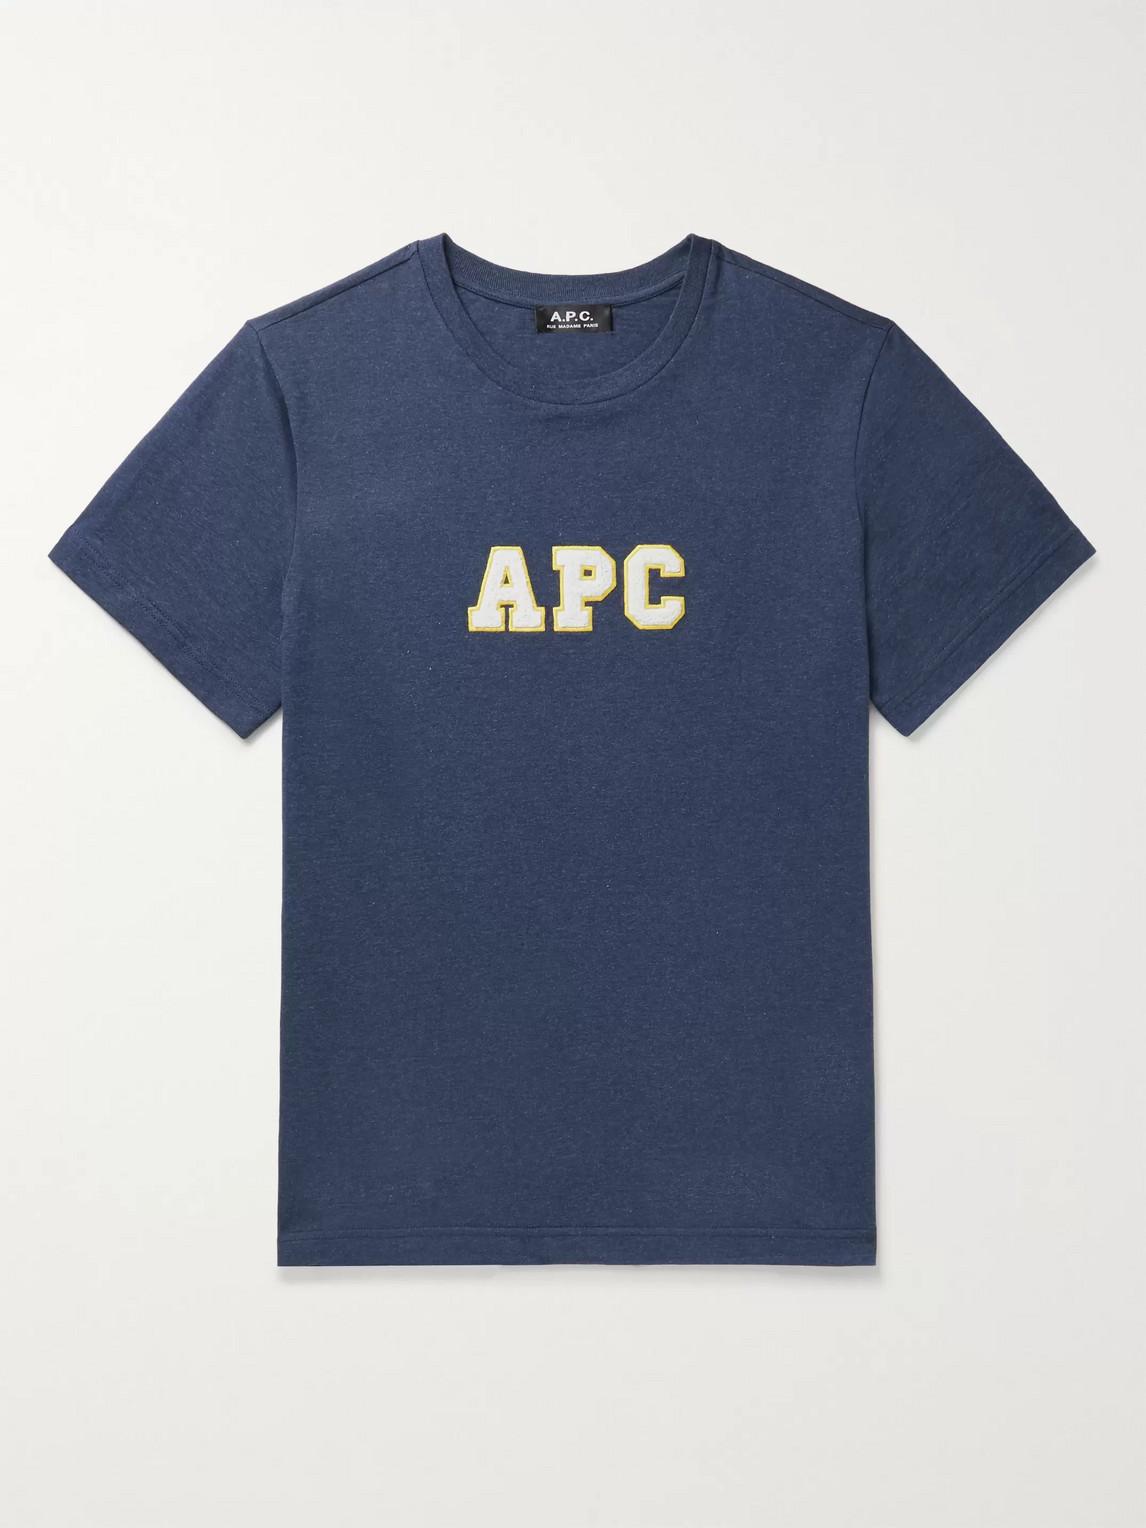 a.p.c. - gael logo-appliquéd cotton-jersey t-shirt - men - blue